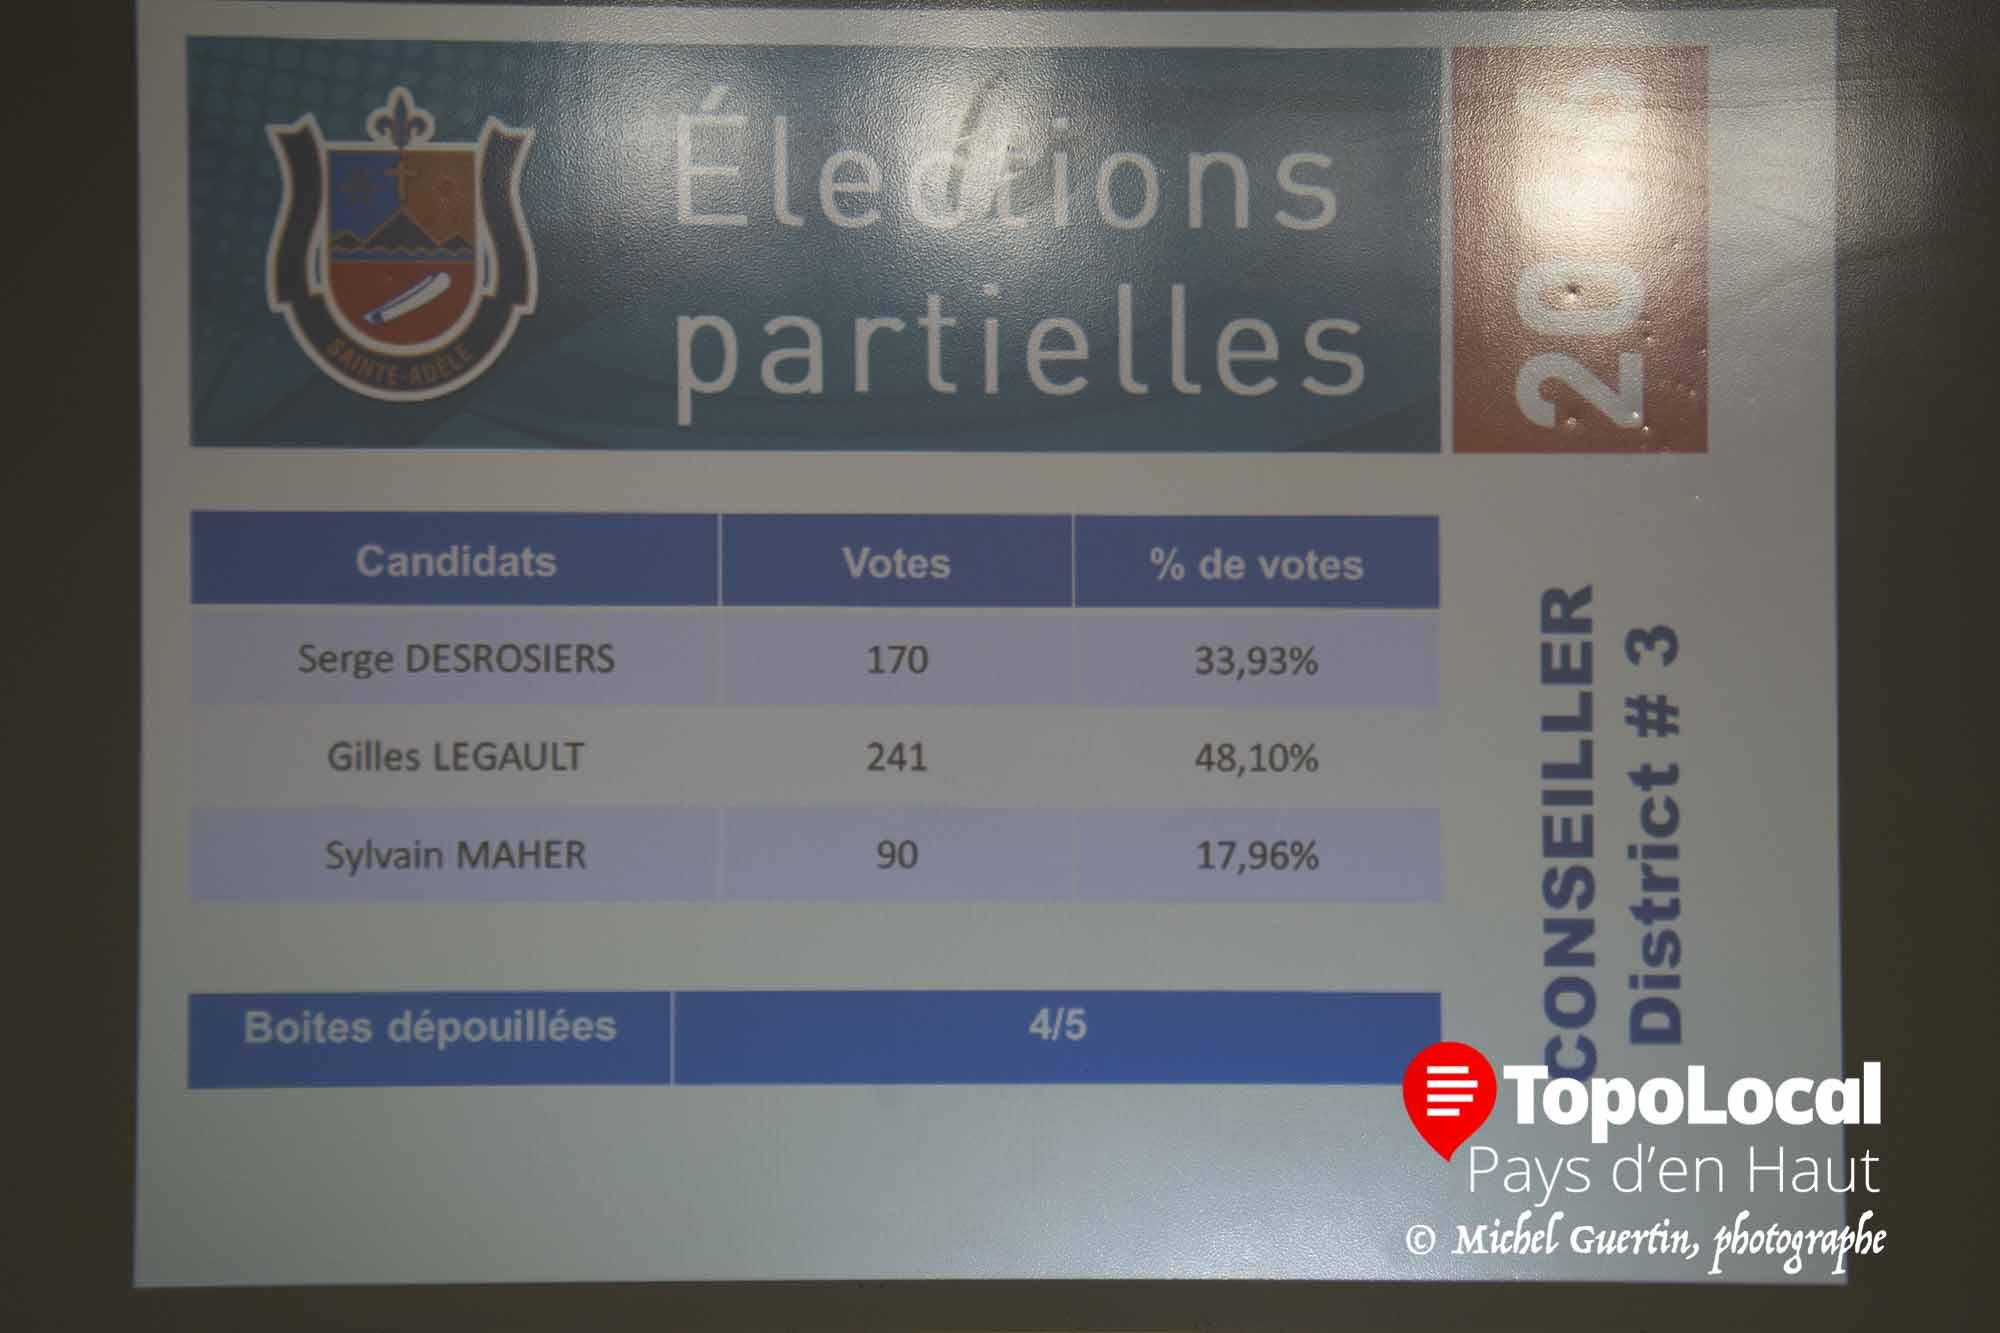 20160501-sainte-adele-mairie-conseillers-partielles-4